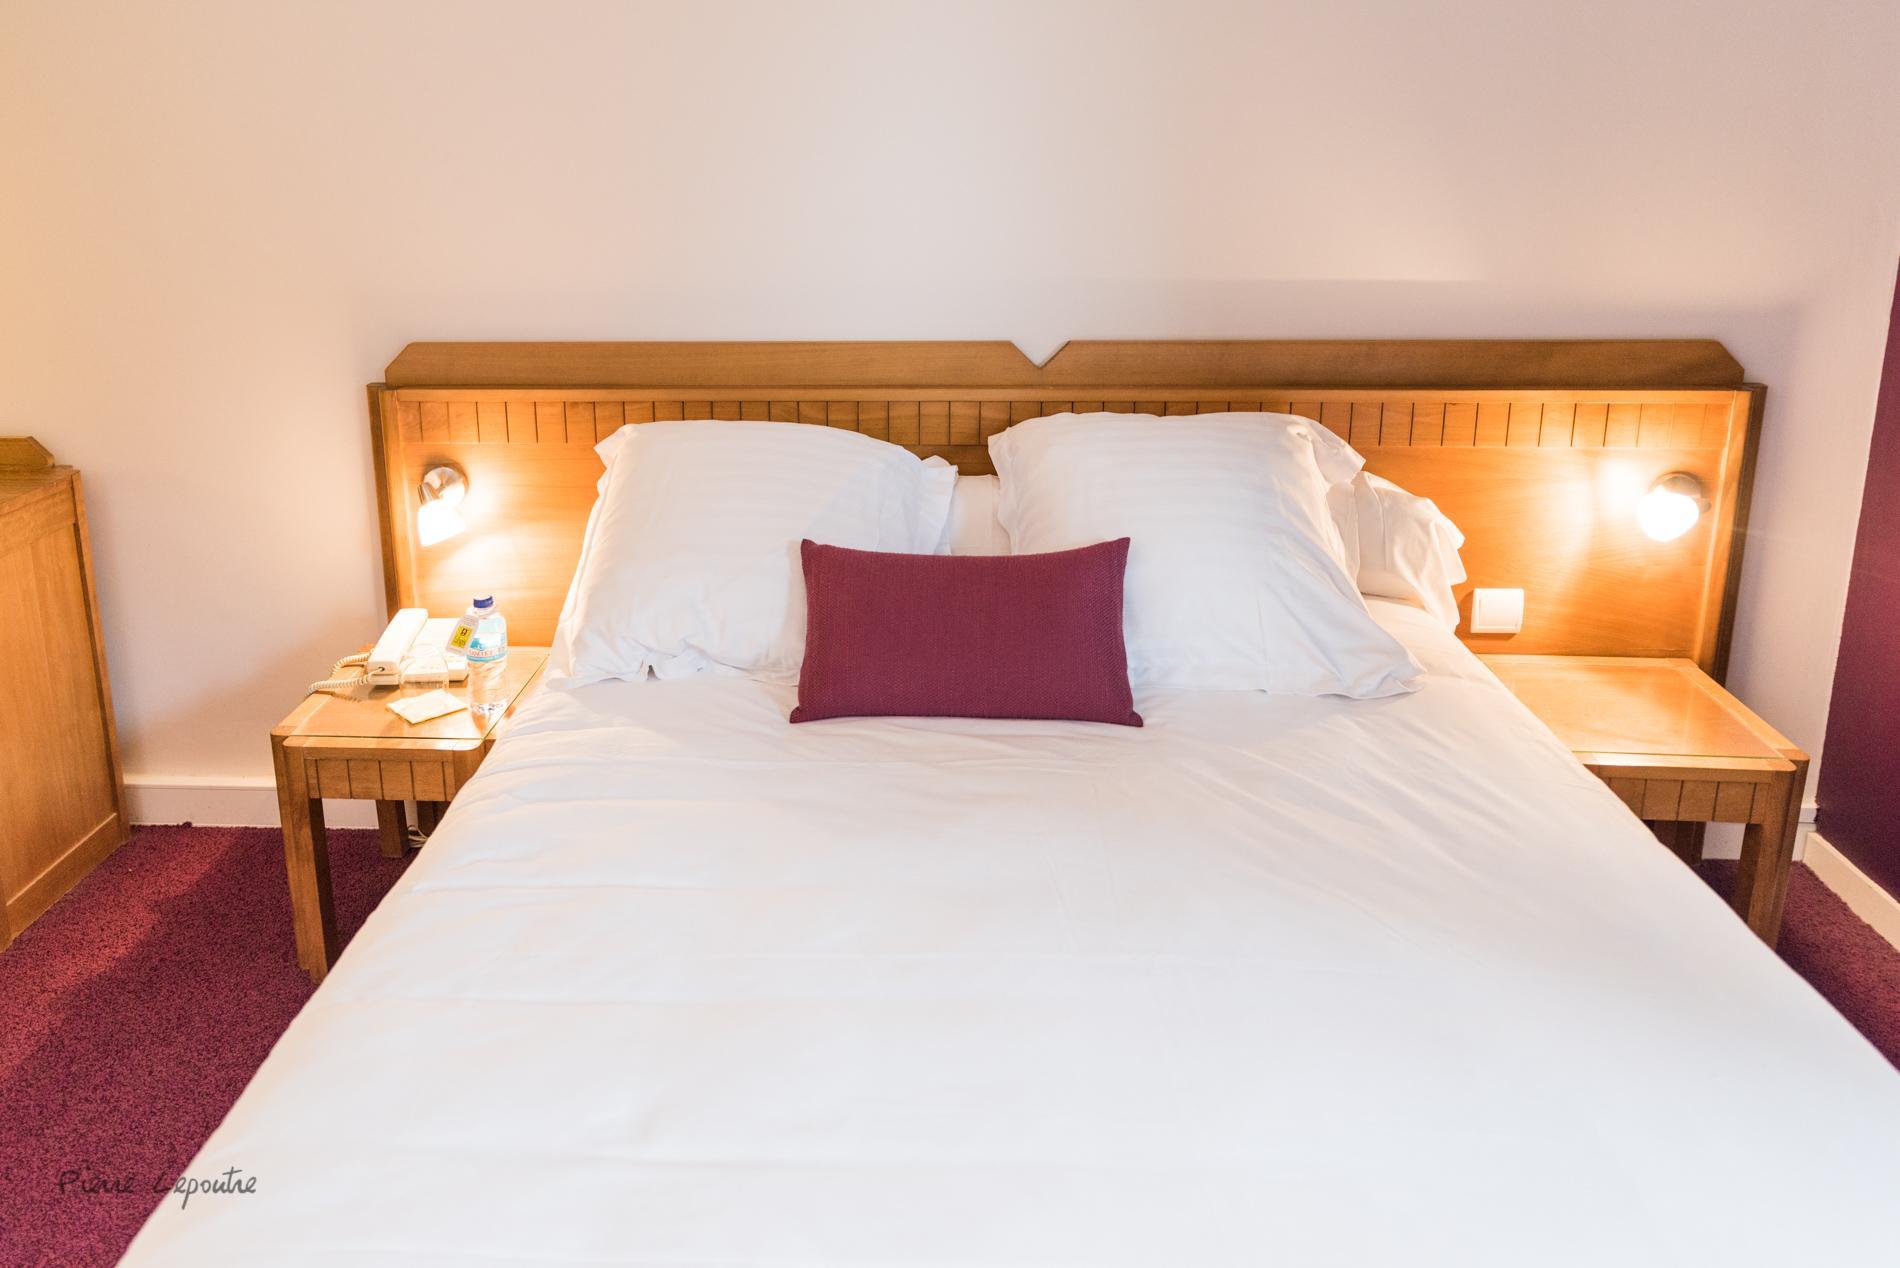 HOTEL DU PARC CHAMBRE SIMPLE